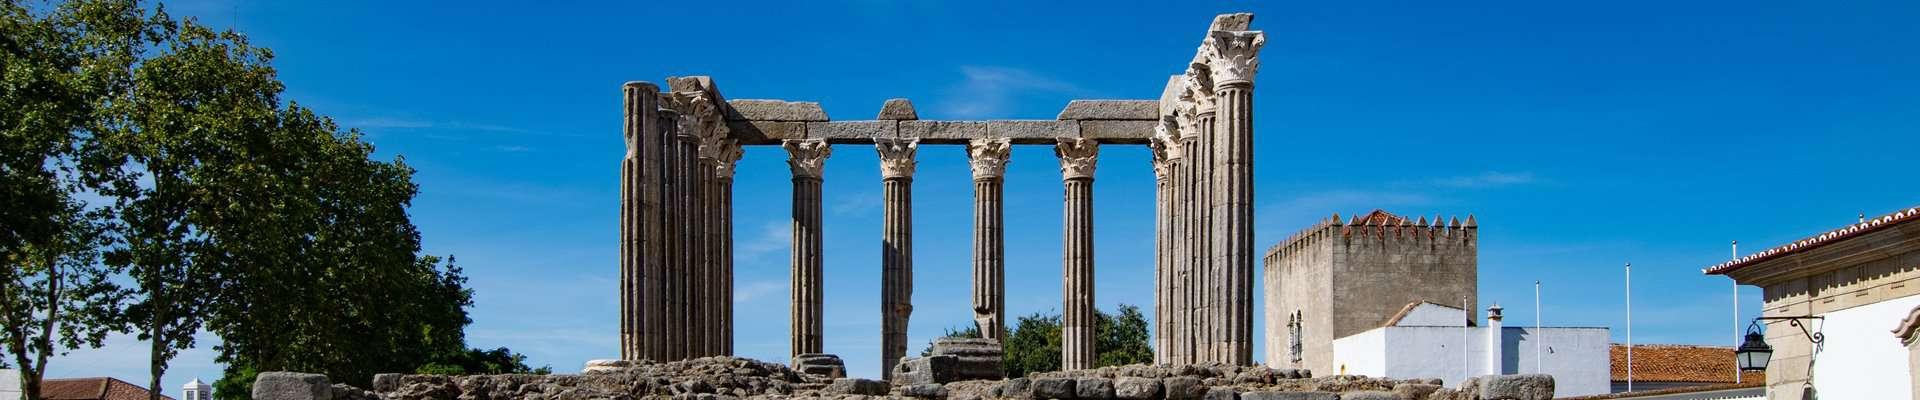 The Roman temple in the centre of the historic town of Evora in Alentejo, Portugal.